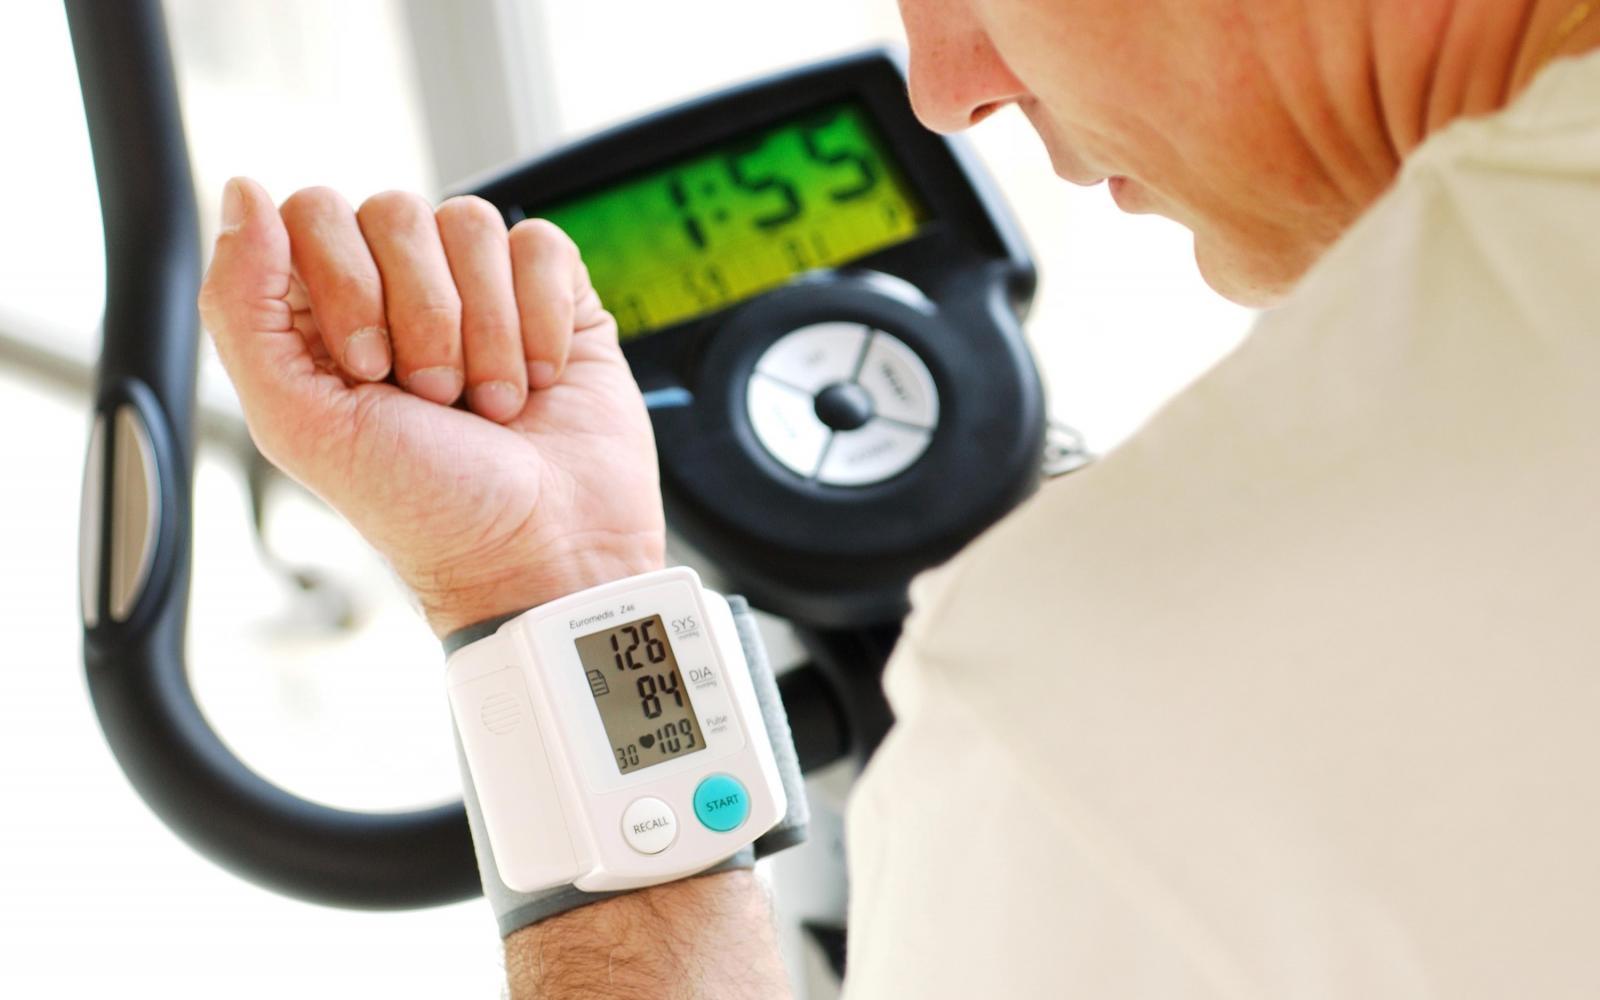 magas vérnyomás túlsúlyos szívkárosodás nélkül pangásos magas vérnyomás legújabb gyógyszerek